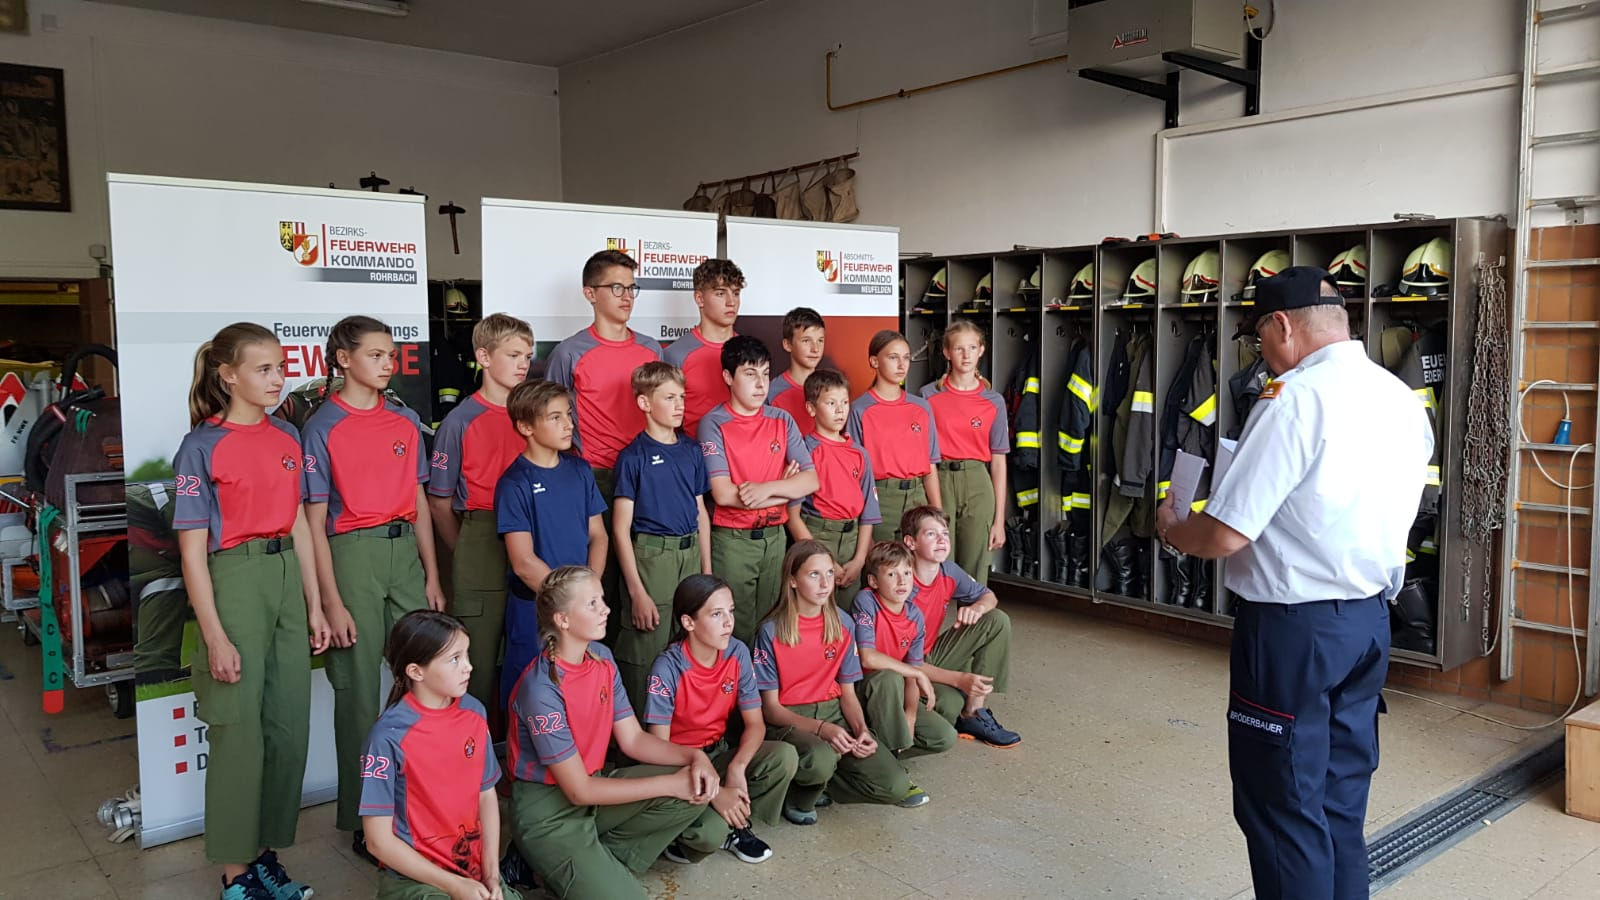 Feuerwehrleistungsbewerb in Niederwaldkirchen